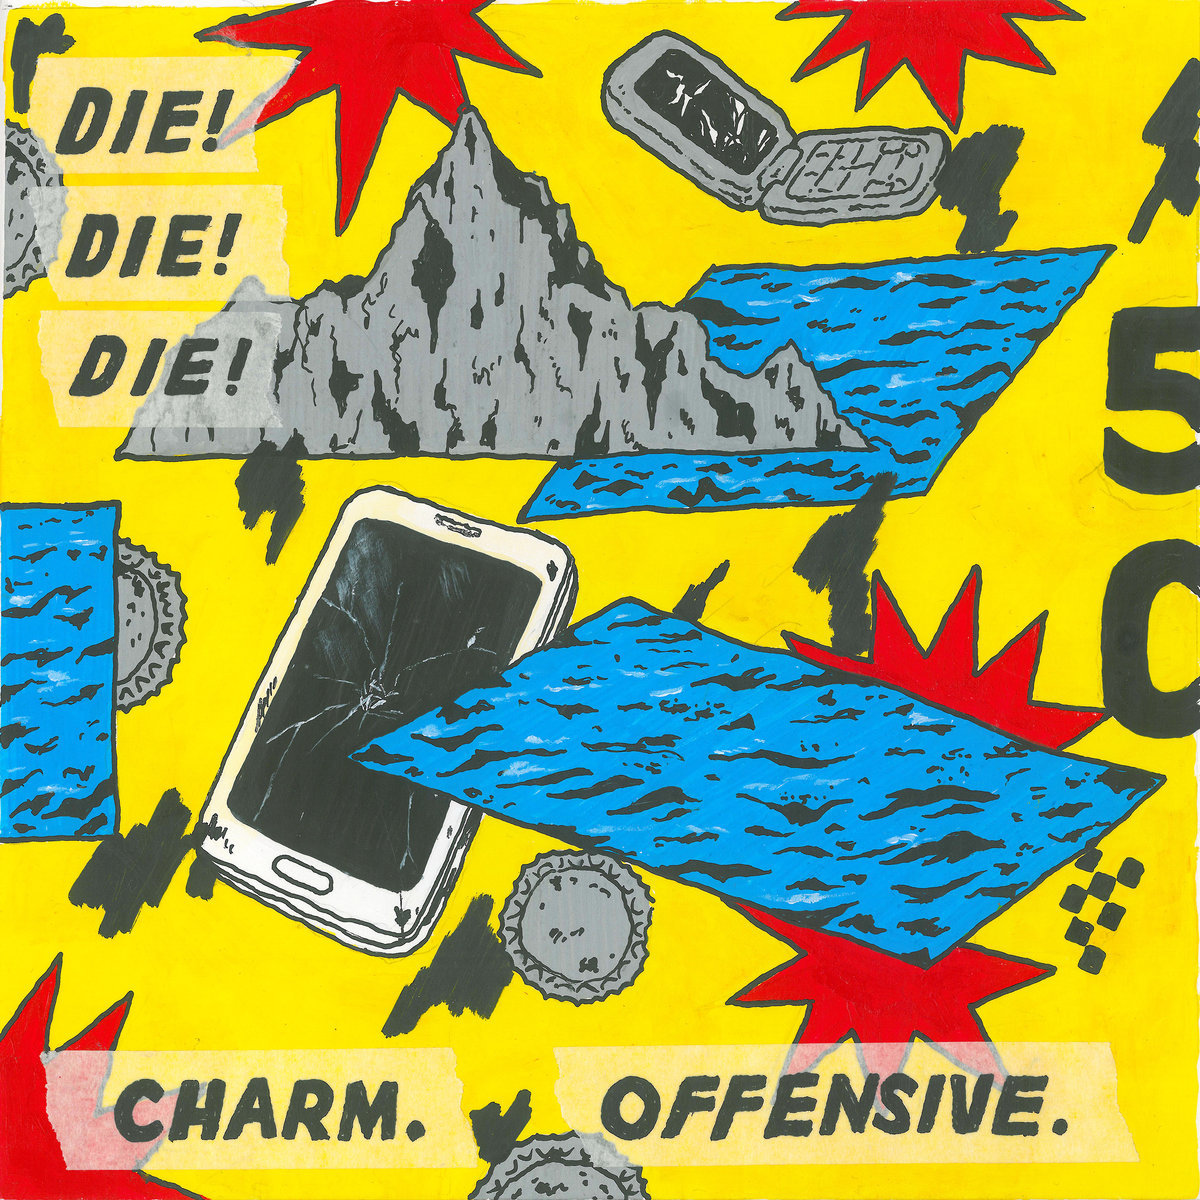 Charm. Offensive. by Die! Die! Die! image